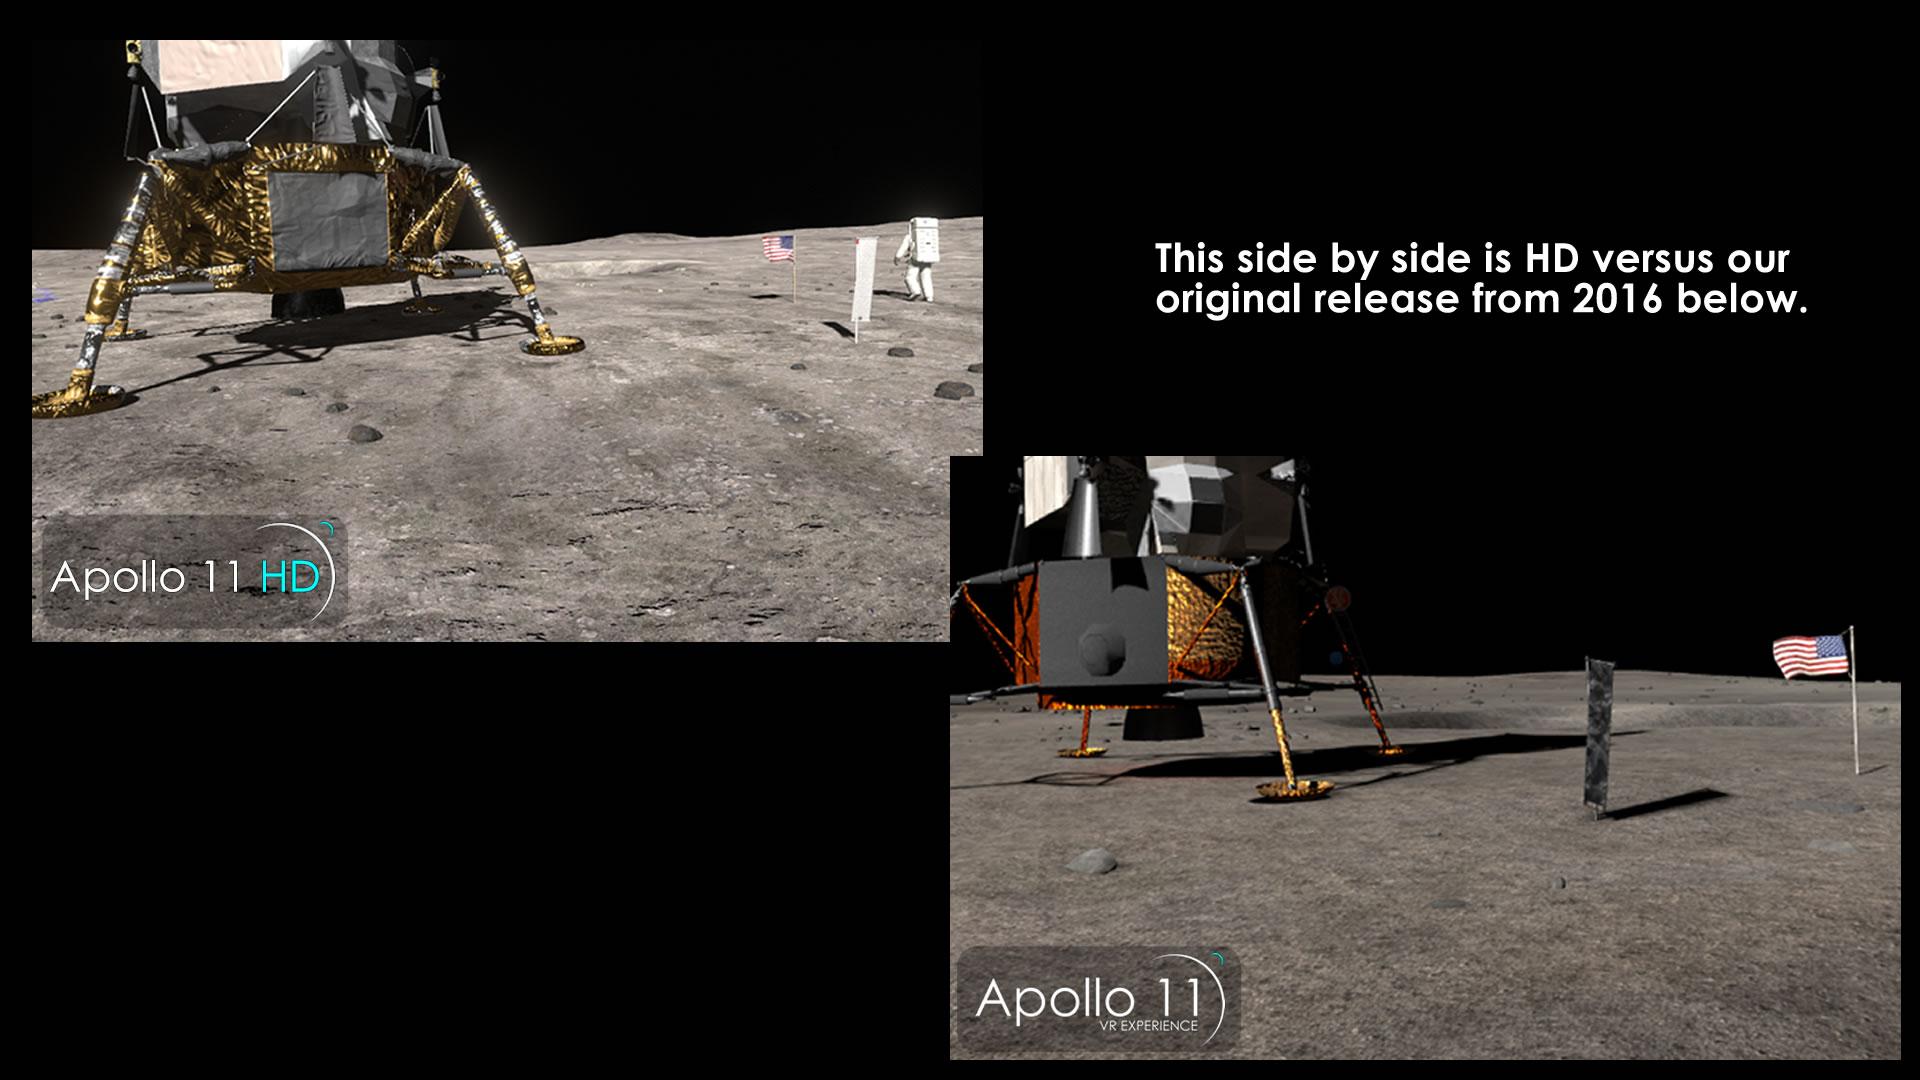 [Expérience VR] Apollo 11 VR Experience Apollo-11-VR-HD-vs